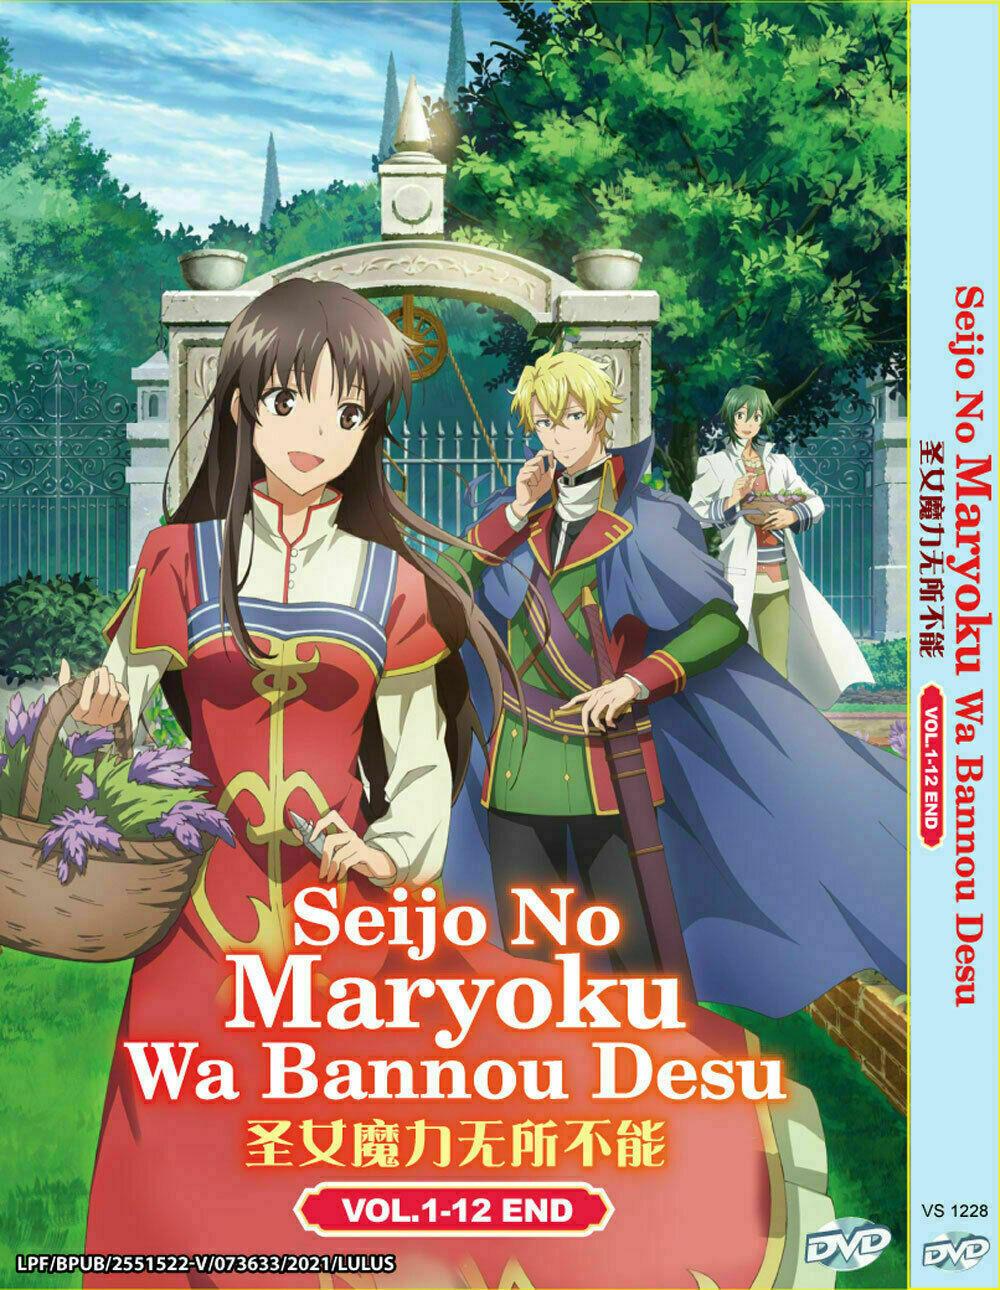 Seijo No Maryoku Wa Bannou Desu Vol. 1-12 End DVD with English Sub Ship From USA